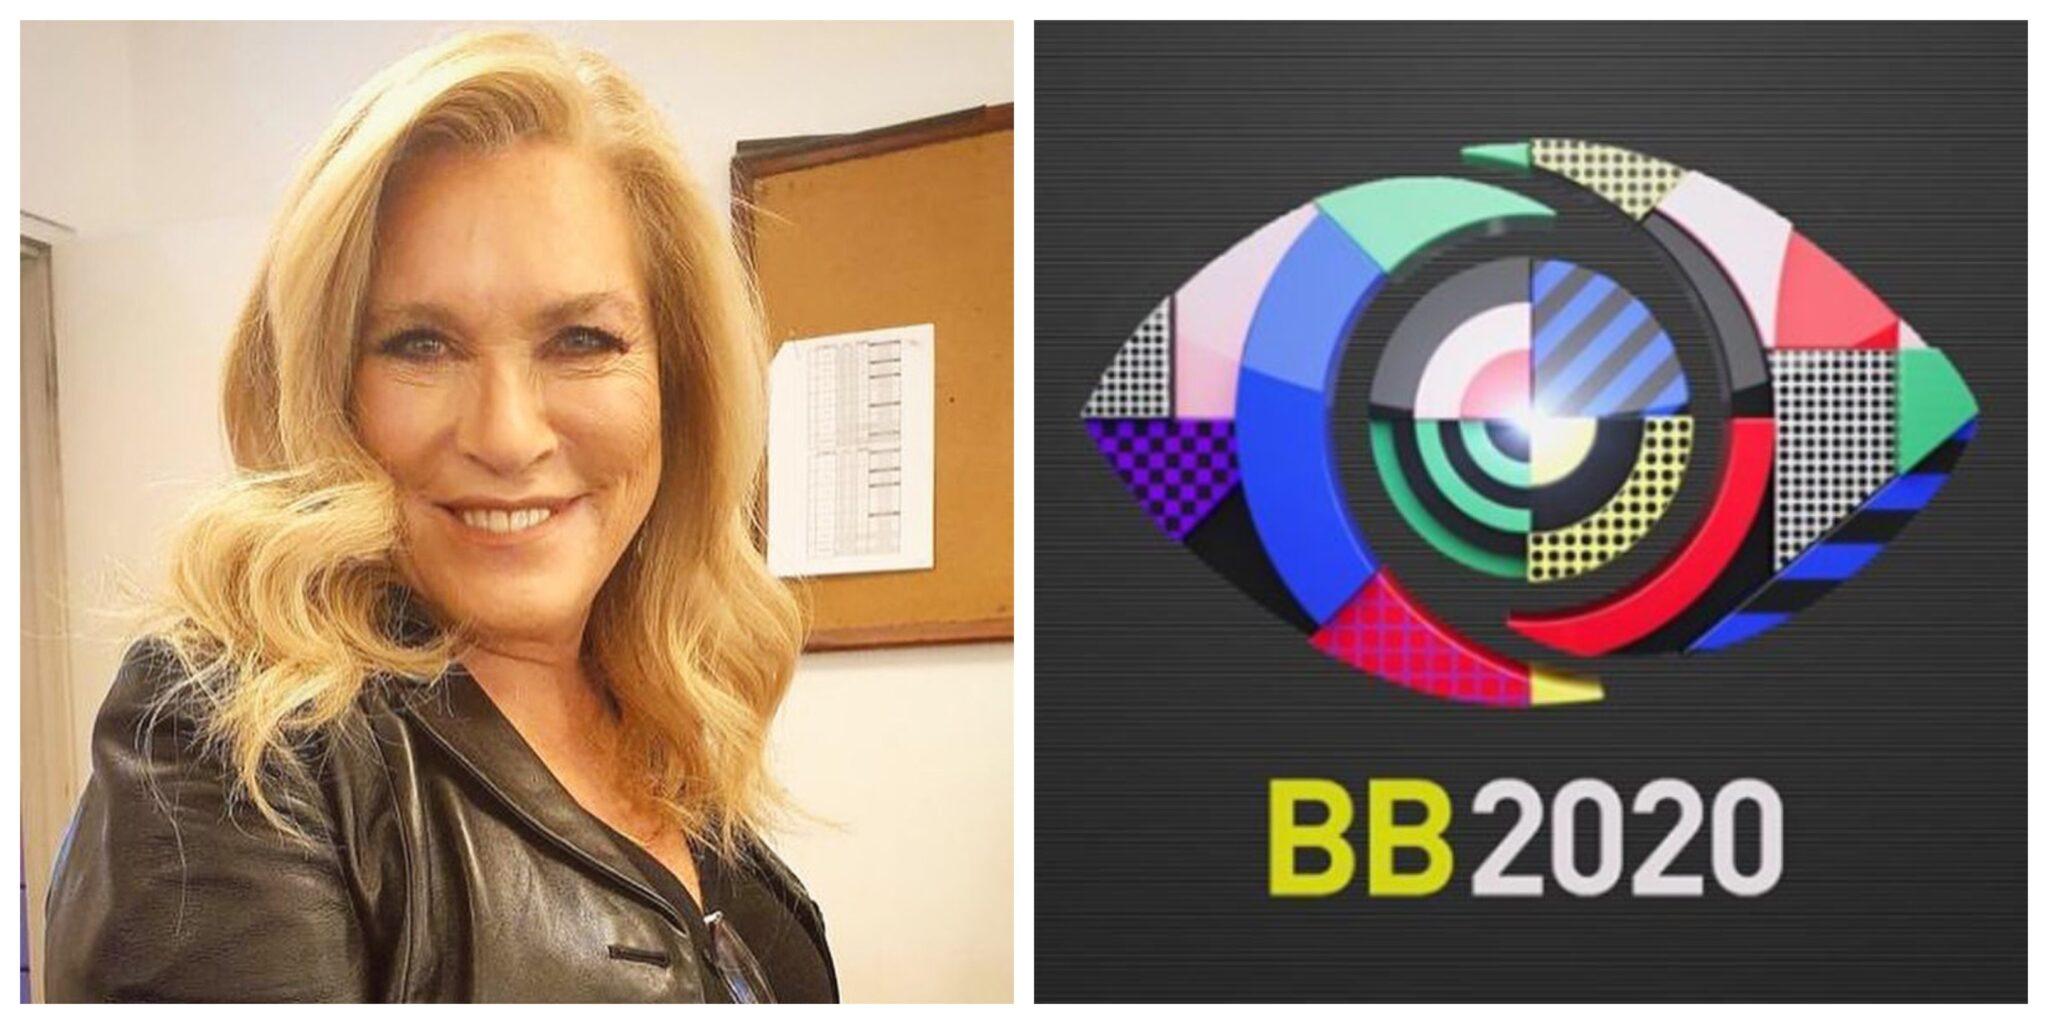 Teresa Guilherme Big Brother Scaled Teresa Guilherme Ficou Fora Do Bb2020. Nuno Santos Explica A Razão